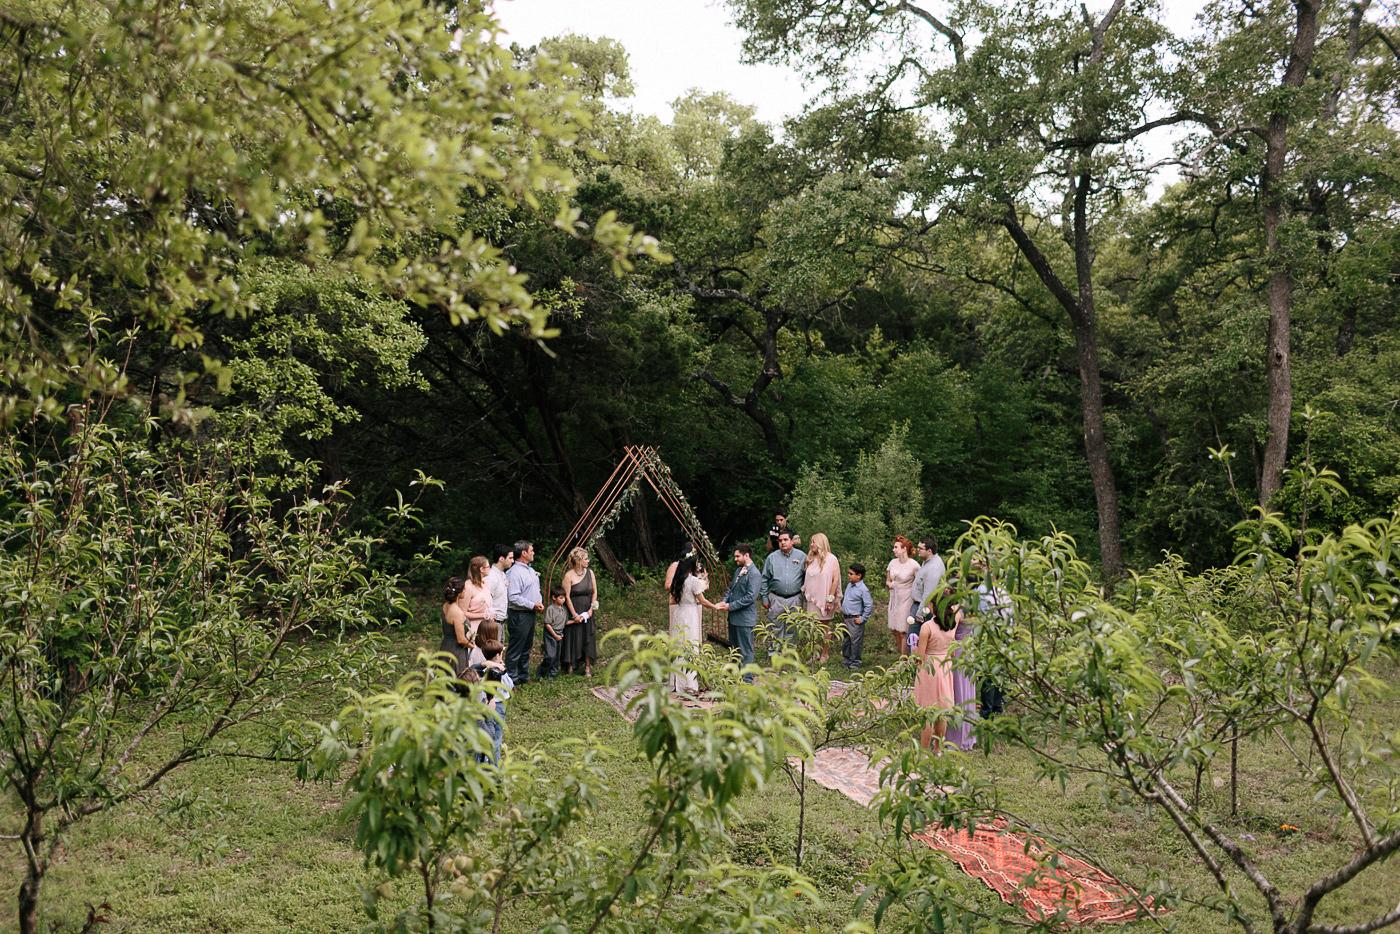 310-wimberley-texas-intimate-backyard-wedding.jpg